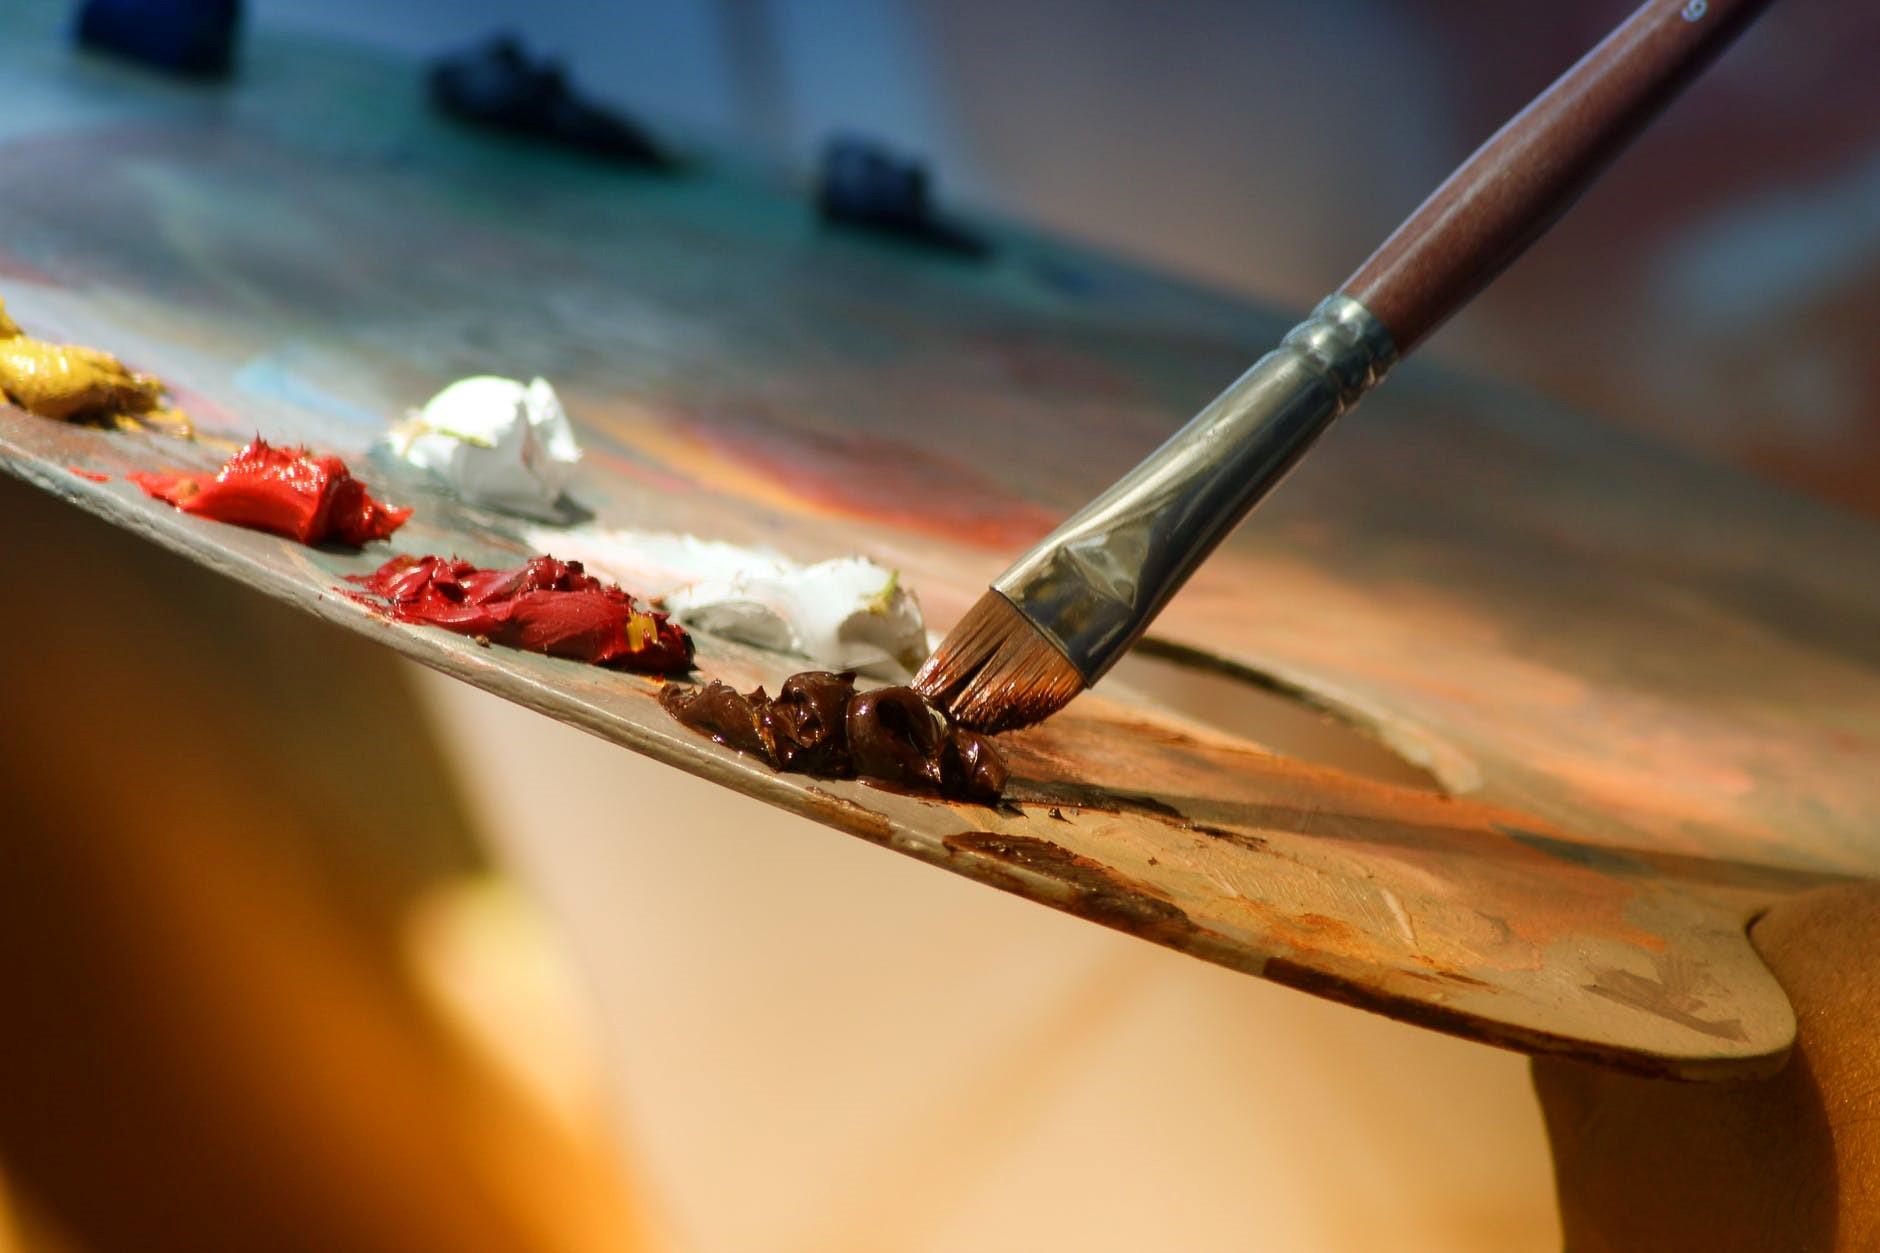 การแสดงความคิดความรู้สึกผ่านงานศิลปะ